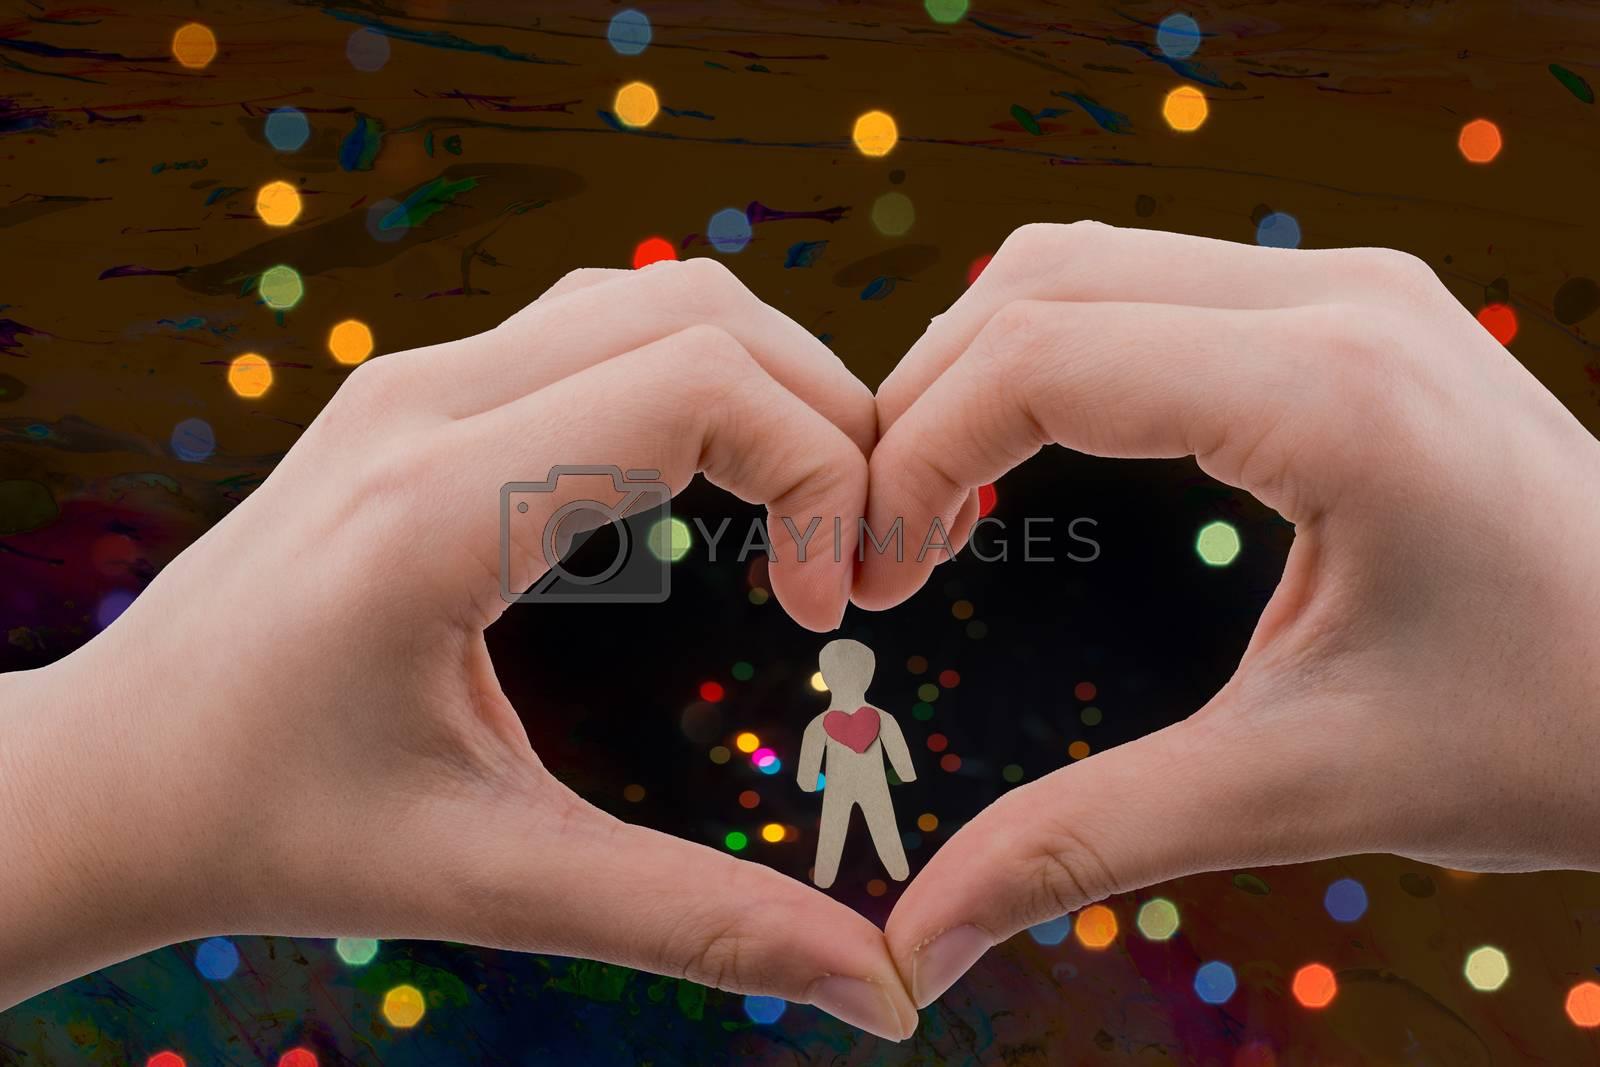 Paper man seen behind a heart shaped hand